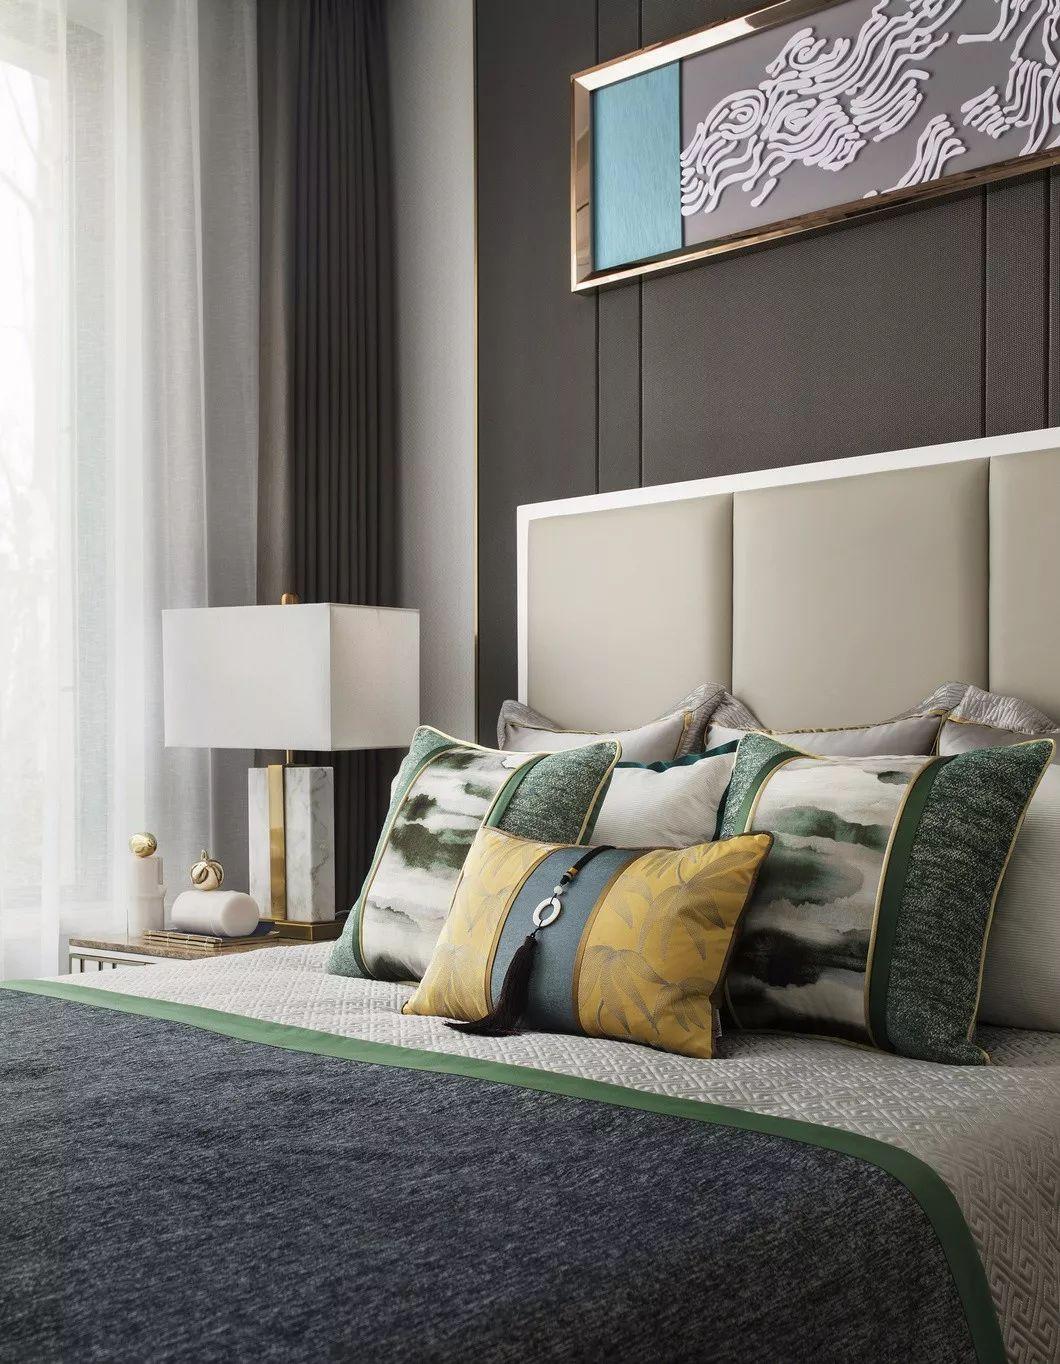 次卧是中西合璧的现代空间,整体布局方正规整,简约中彰显着雅致,理性中蕴涵着传统民族情韵。